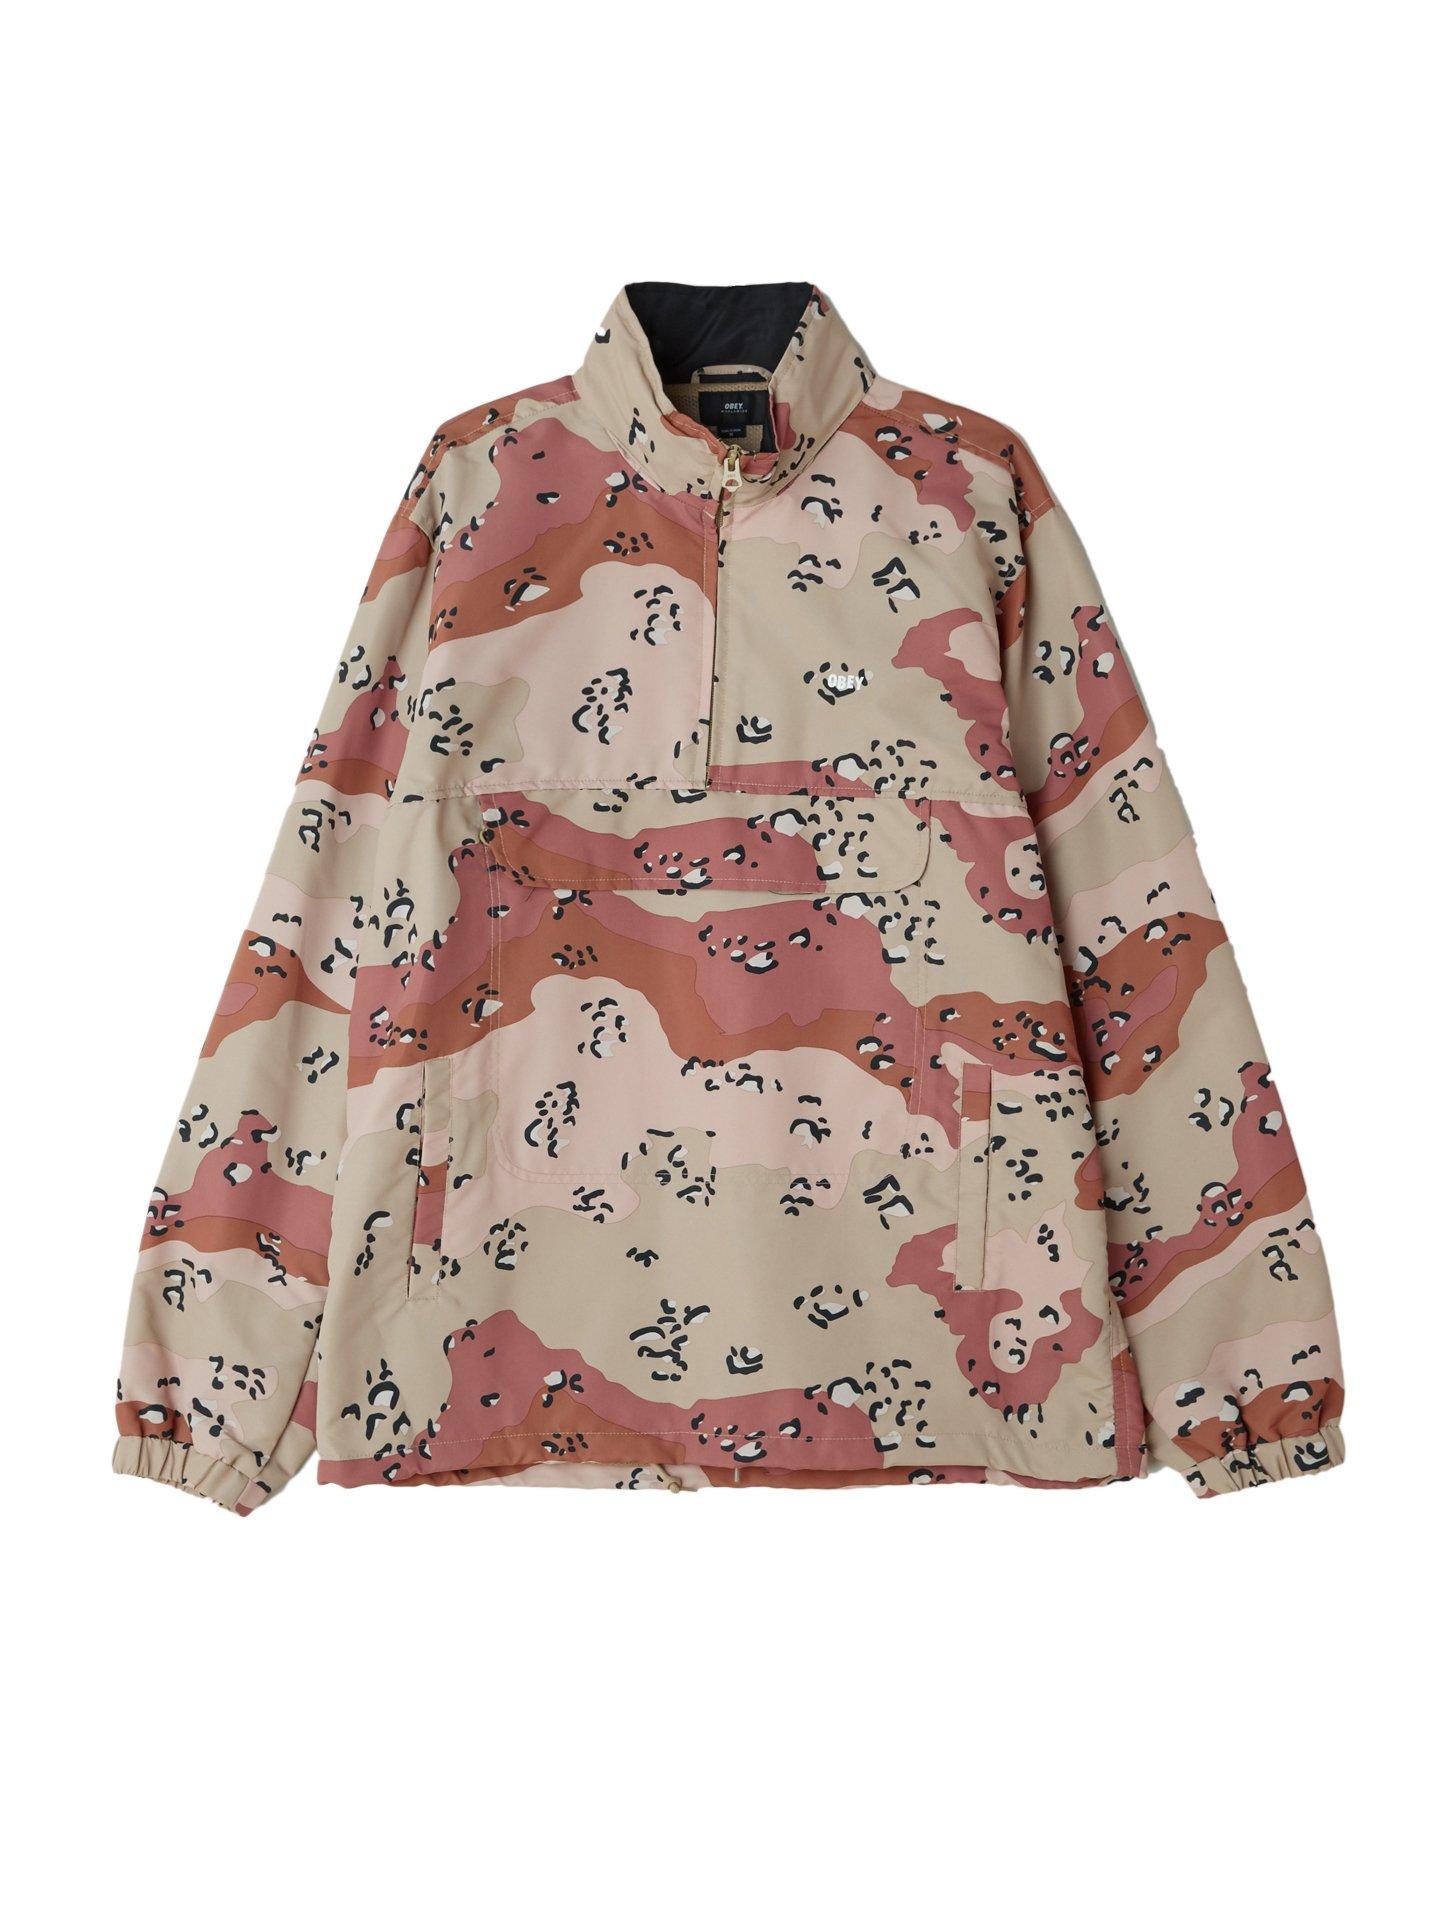 b7b58c60be938 Runaround Jacket - Obey Clothing UK